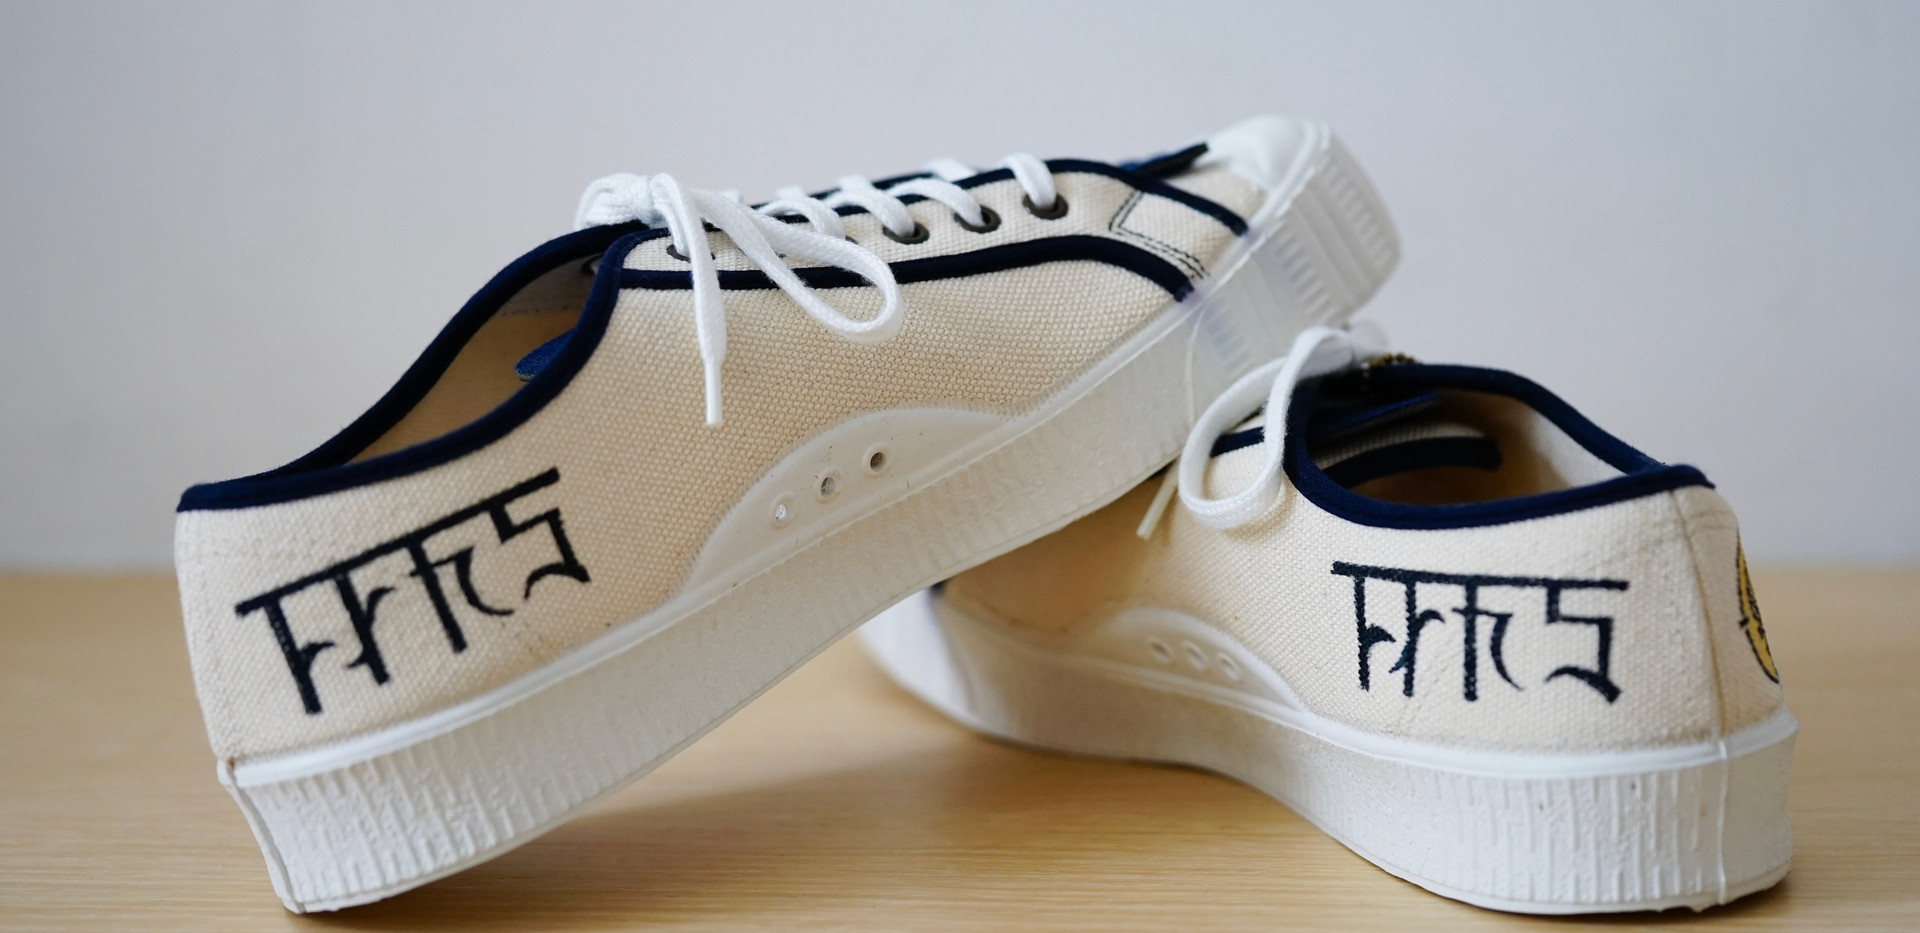 T.F.H.S x Simple Union x Quarter416 Shop Fern